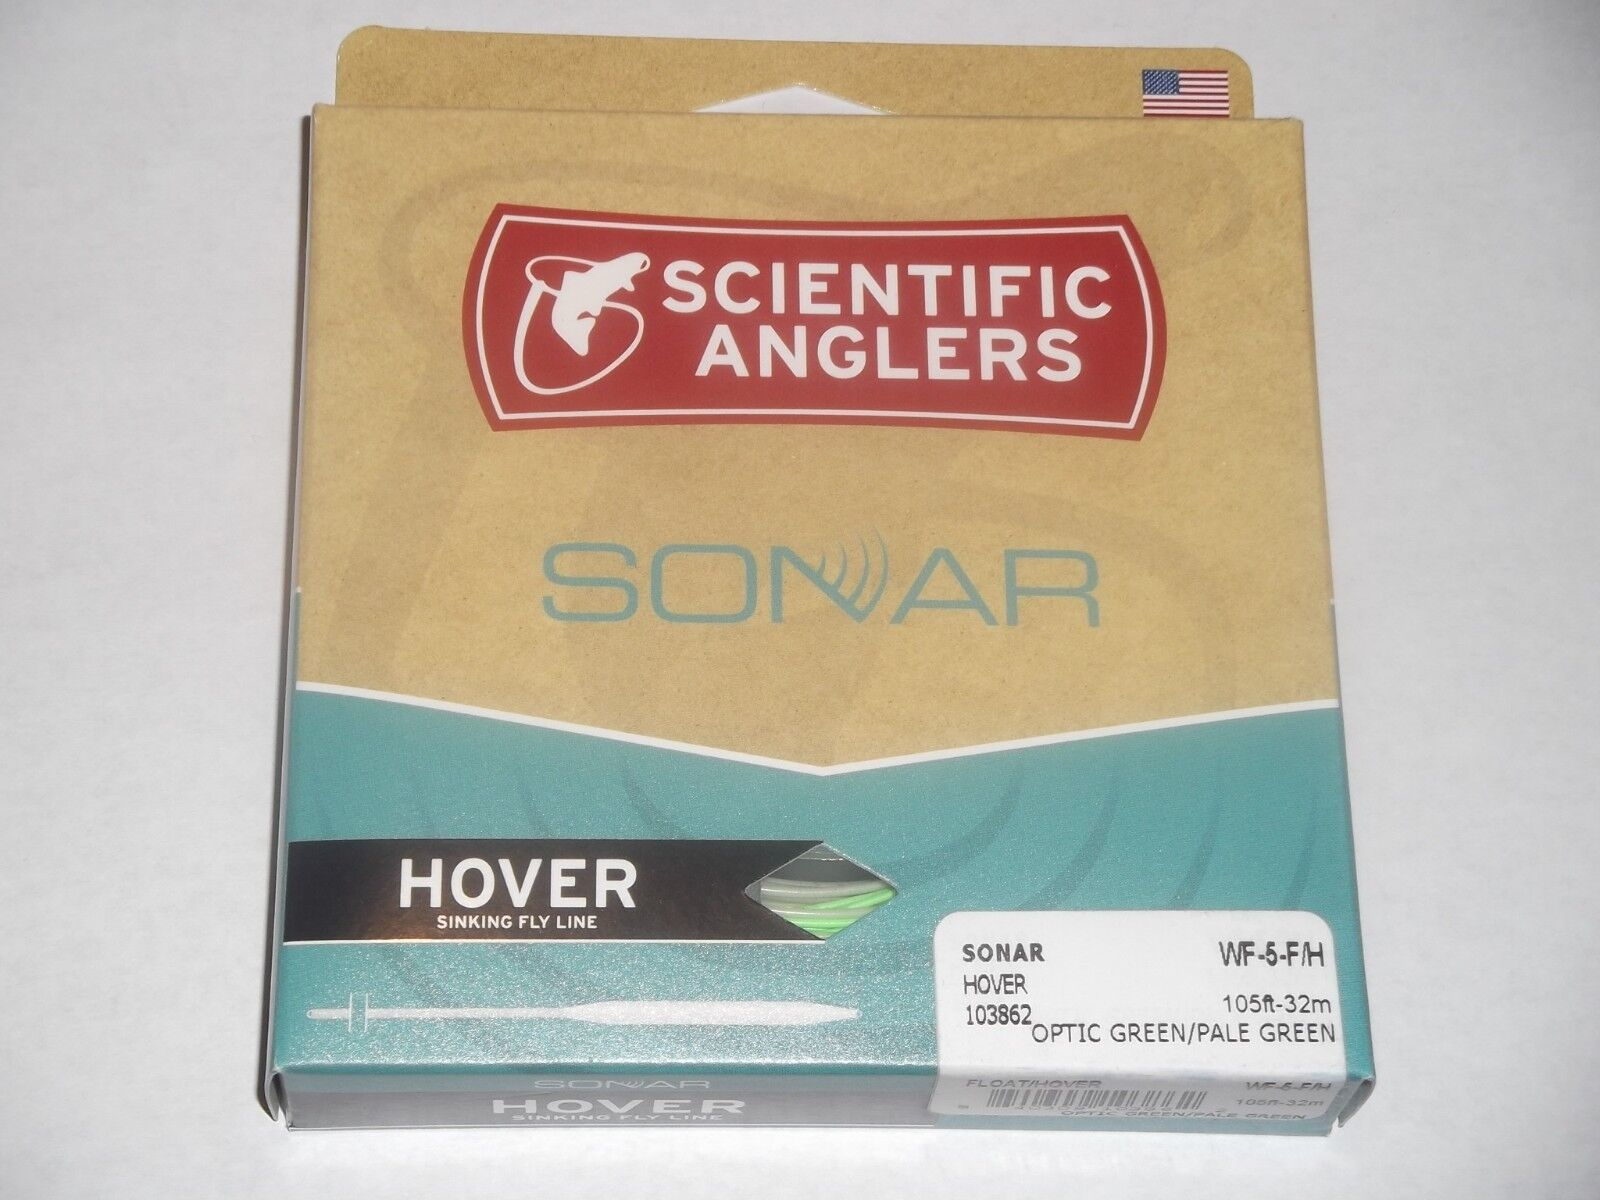 Scientific  Anglers sonar Hover WF-5-F H óptica verde verde pálido Línea De Pesca  echa un vistazo a los más baratos